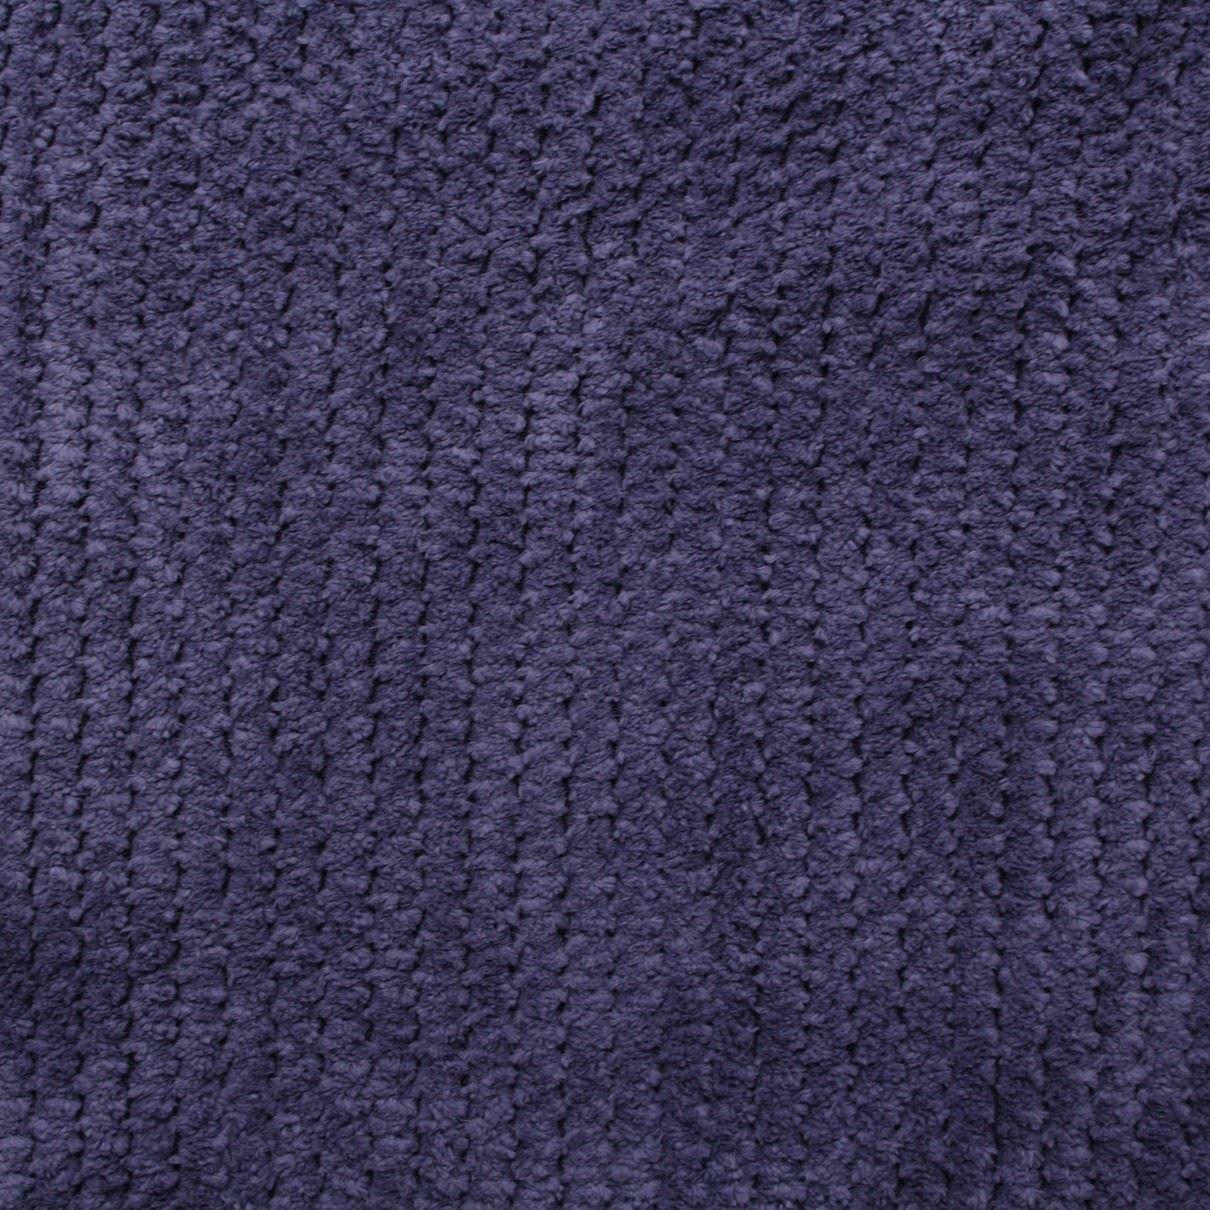 Velvet Chenille Fabric Sofa: FIRE RETARDANT SOFT VELVET CHENILLE ZIG ZAG JUMBO CORD